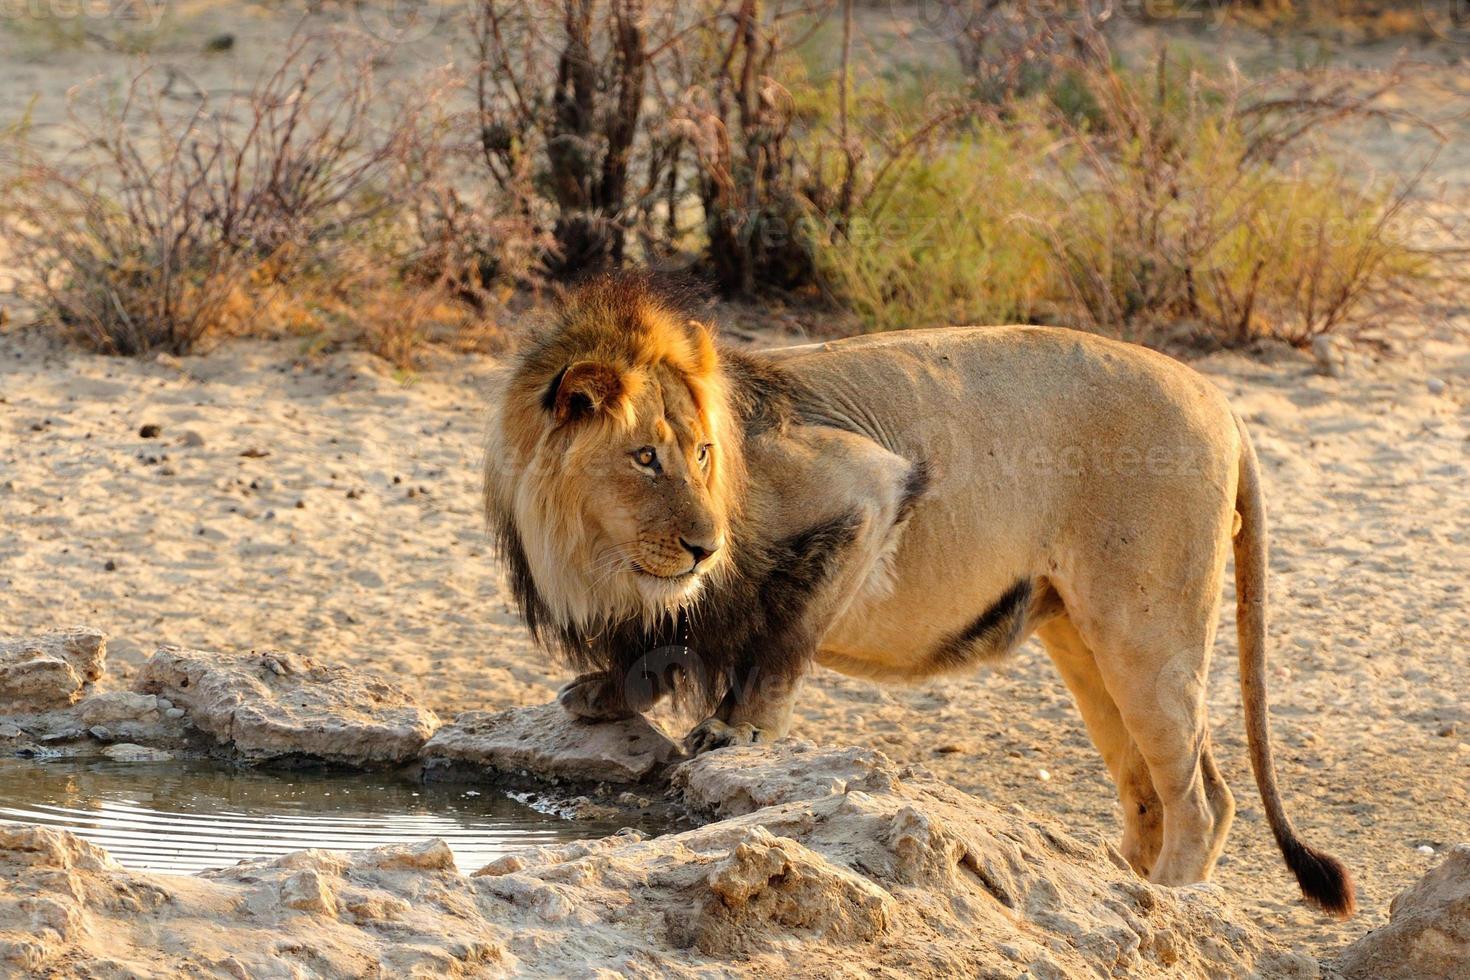 zwarte manen leeuw drinken foto